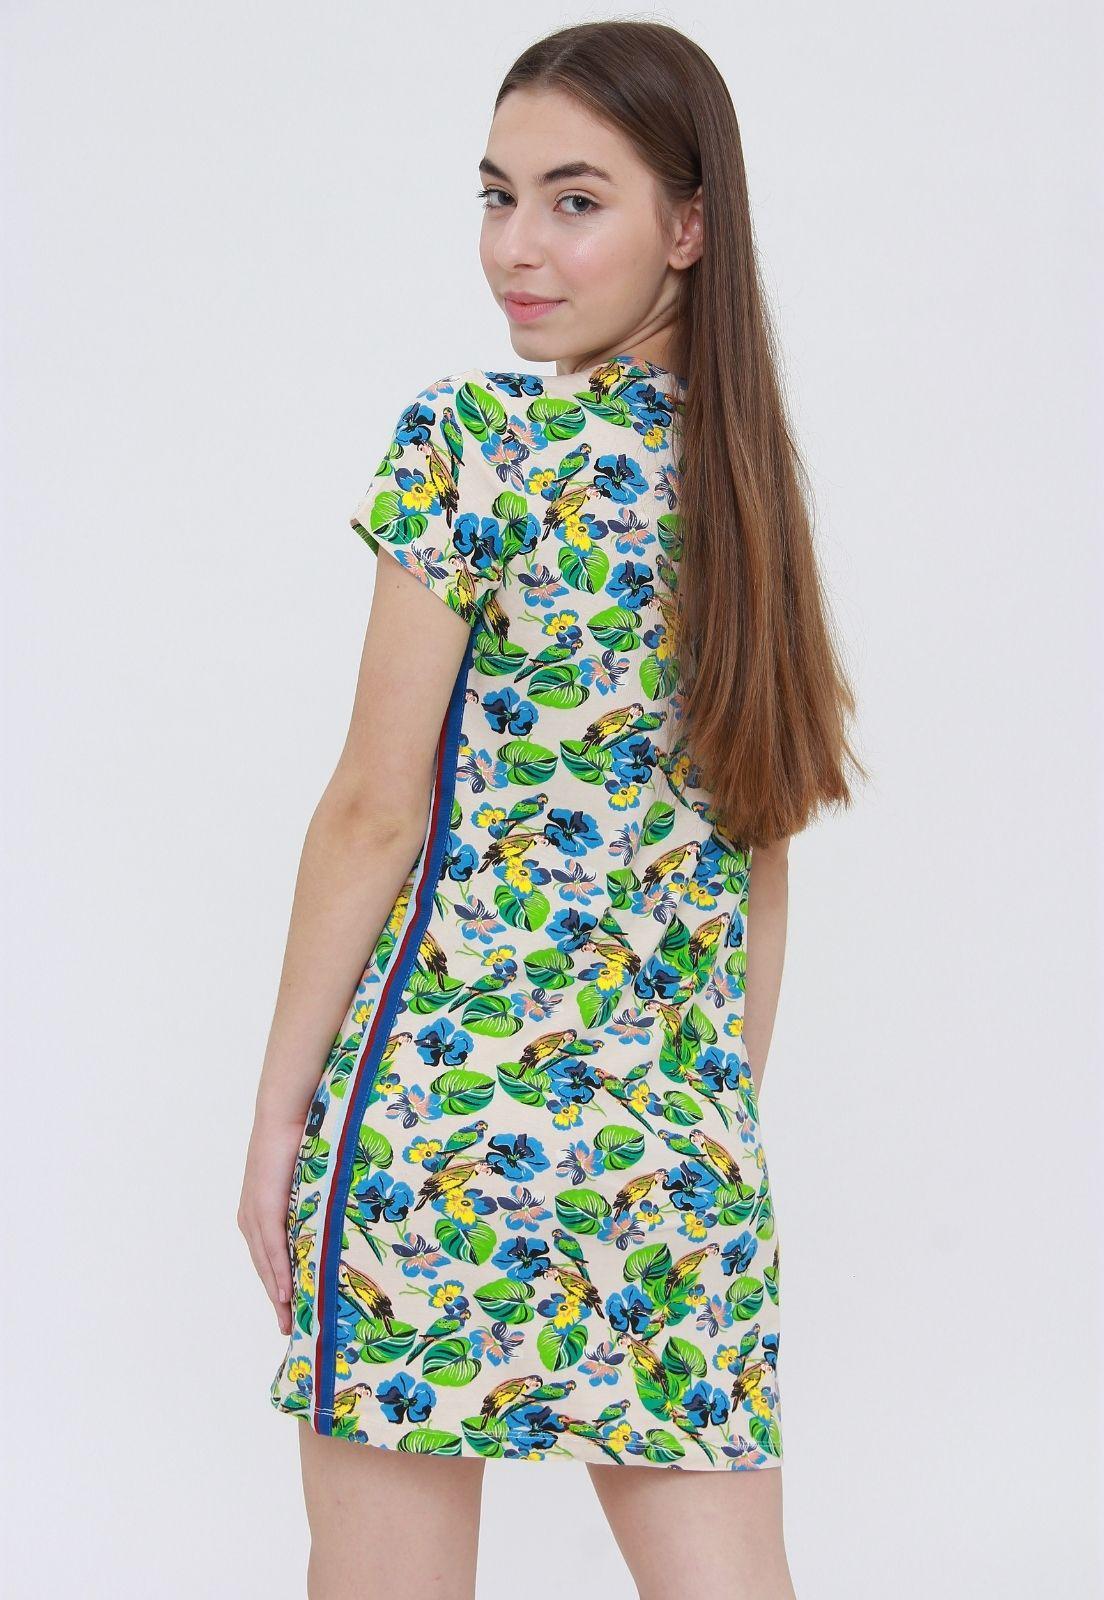 Vestido Tee Estampado  - Metro & Co.